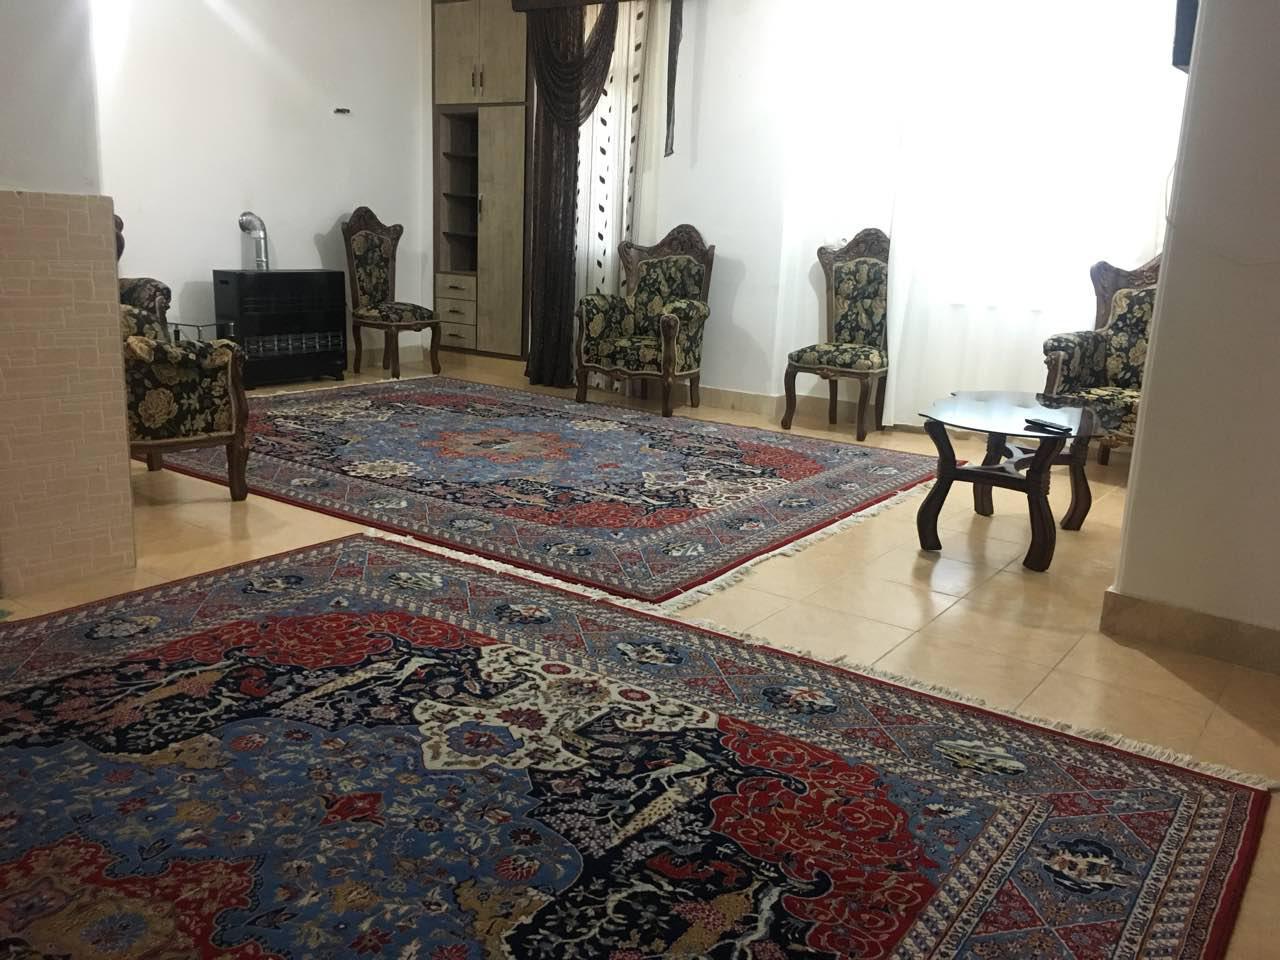 خانه اجاره ای در یاسوج _ کد42